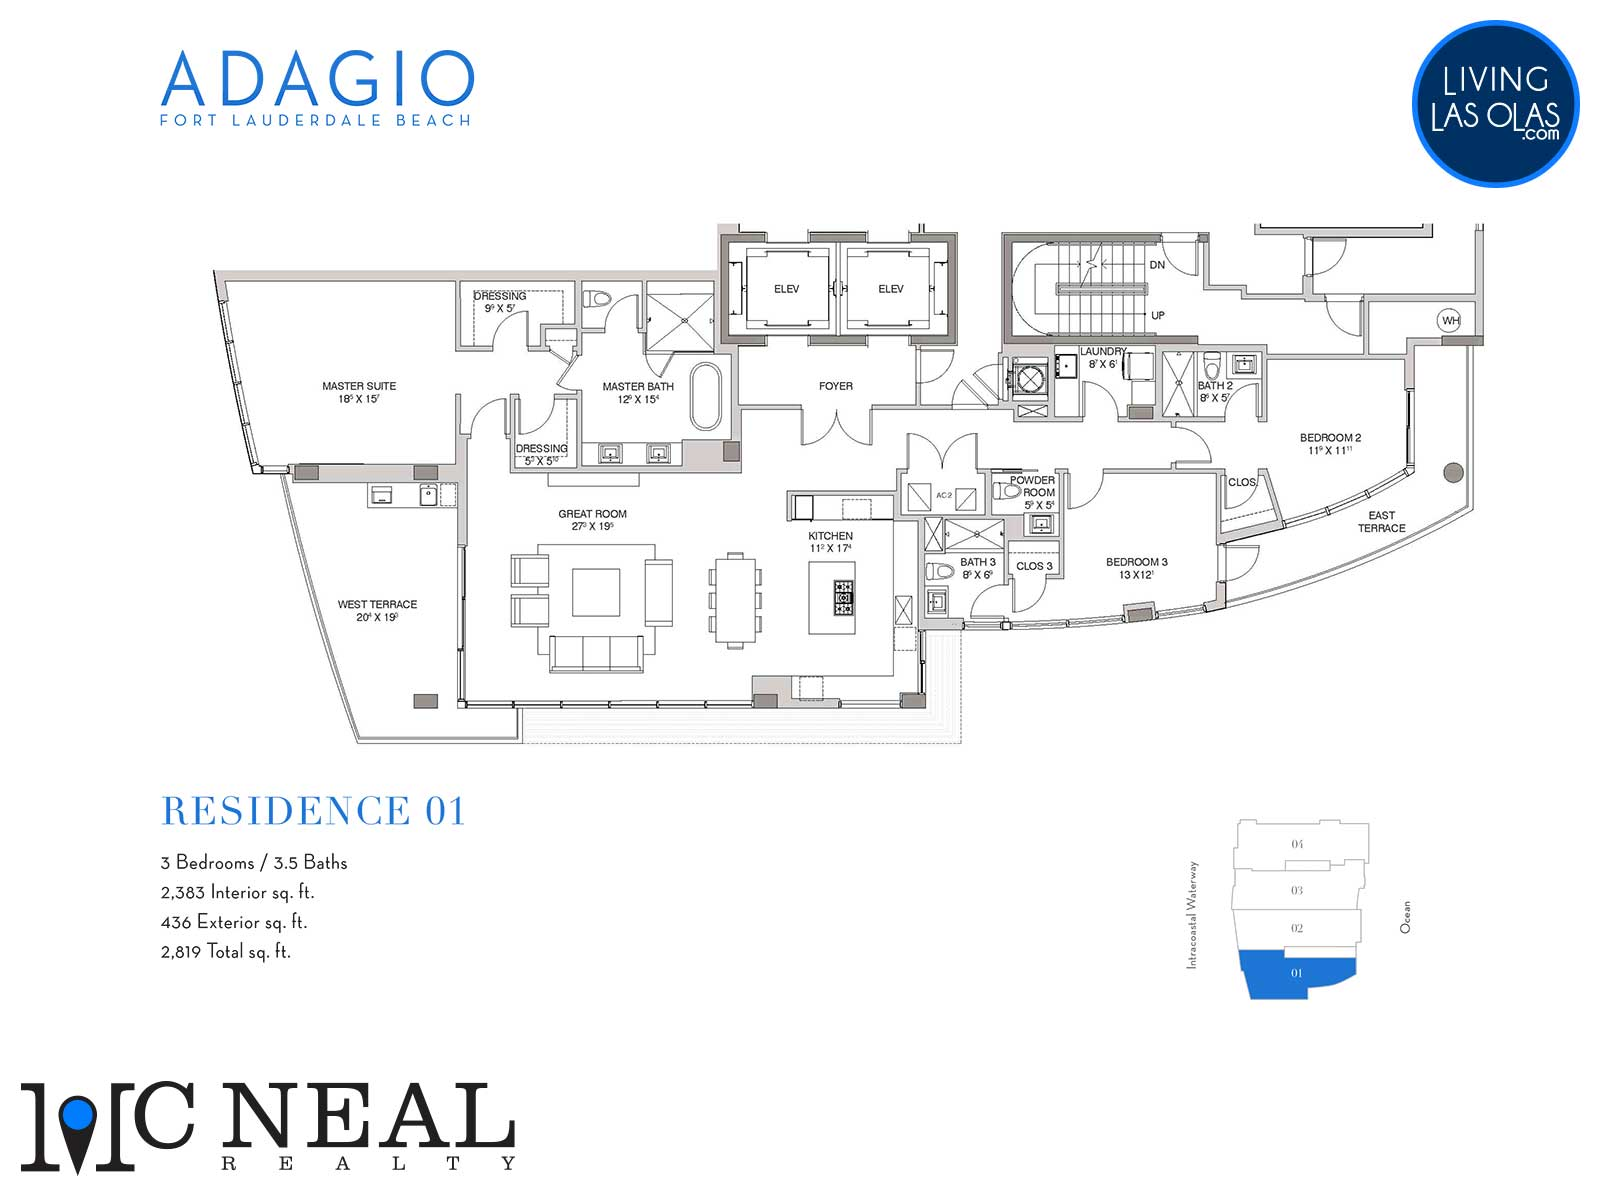 Adagio Fort Lauderdale Beach Condos Floor Plans Residence 01